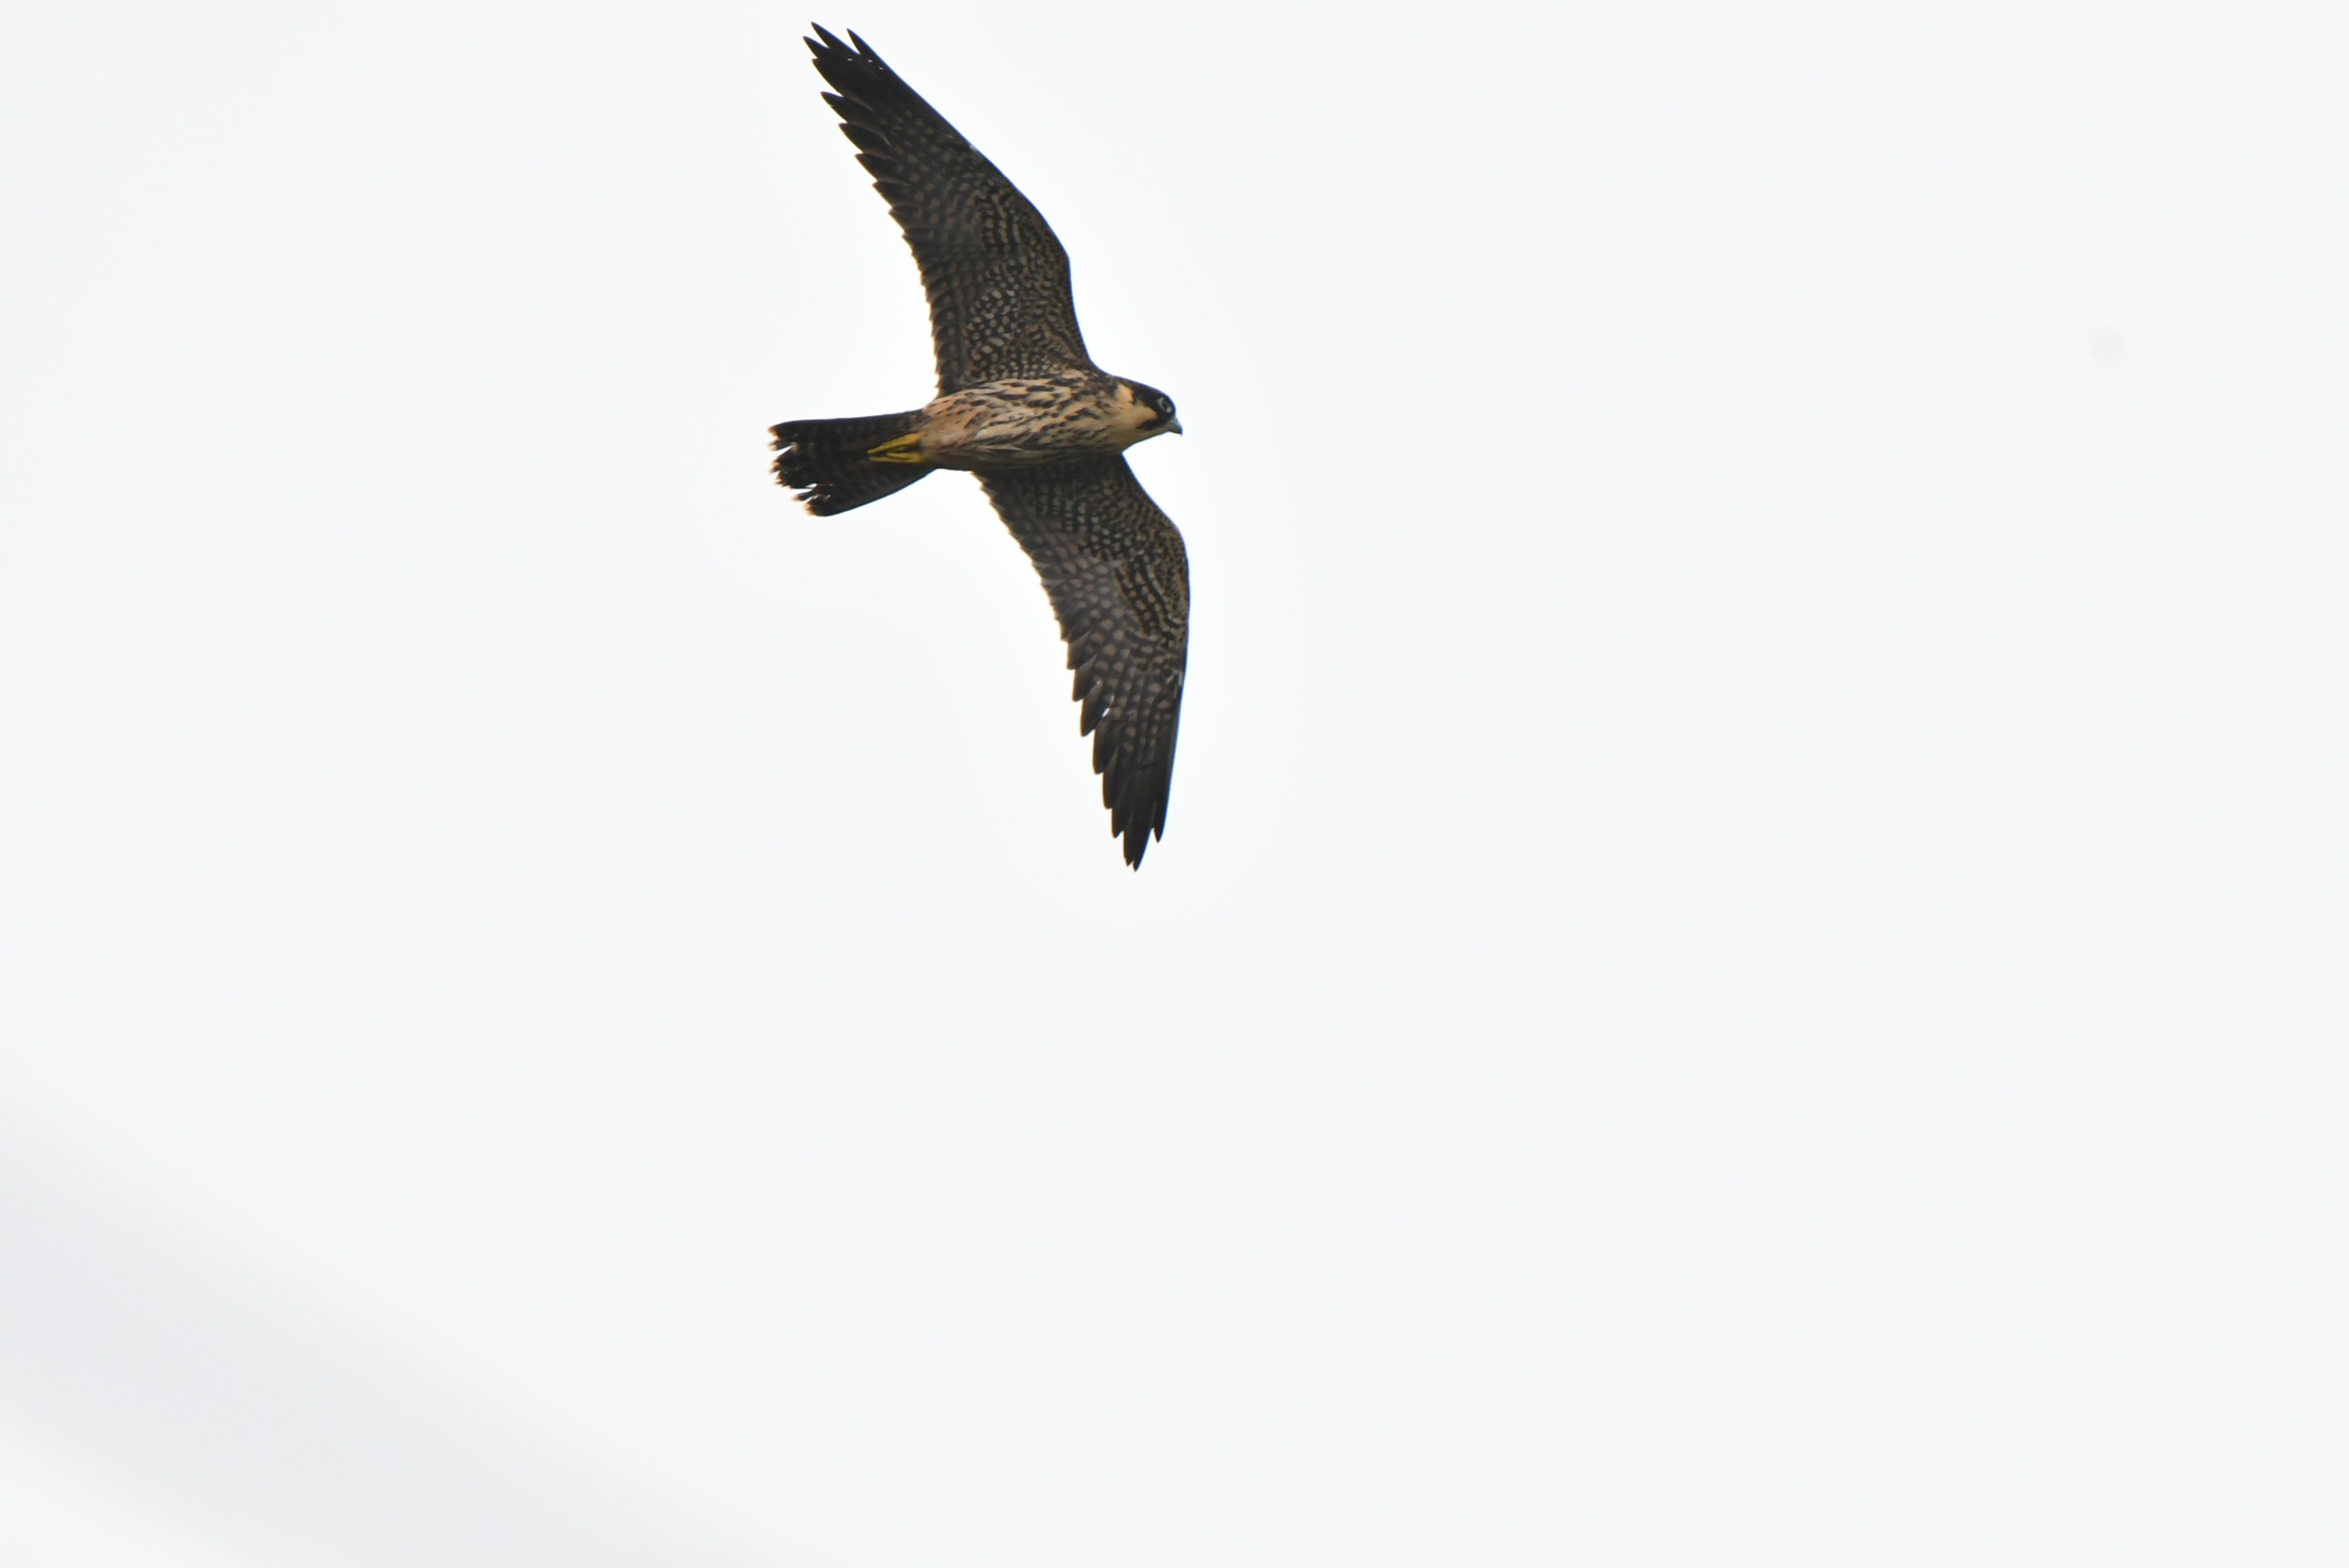 飛翔できるようになったチゴハヤブサ幼鳥